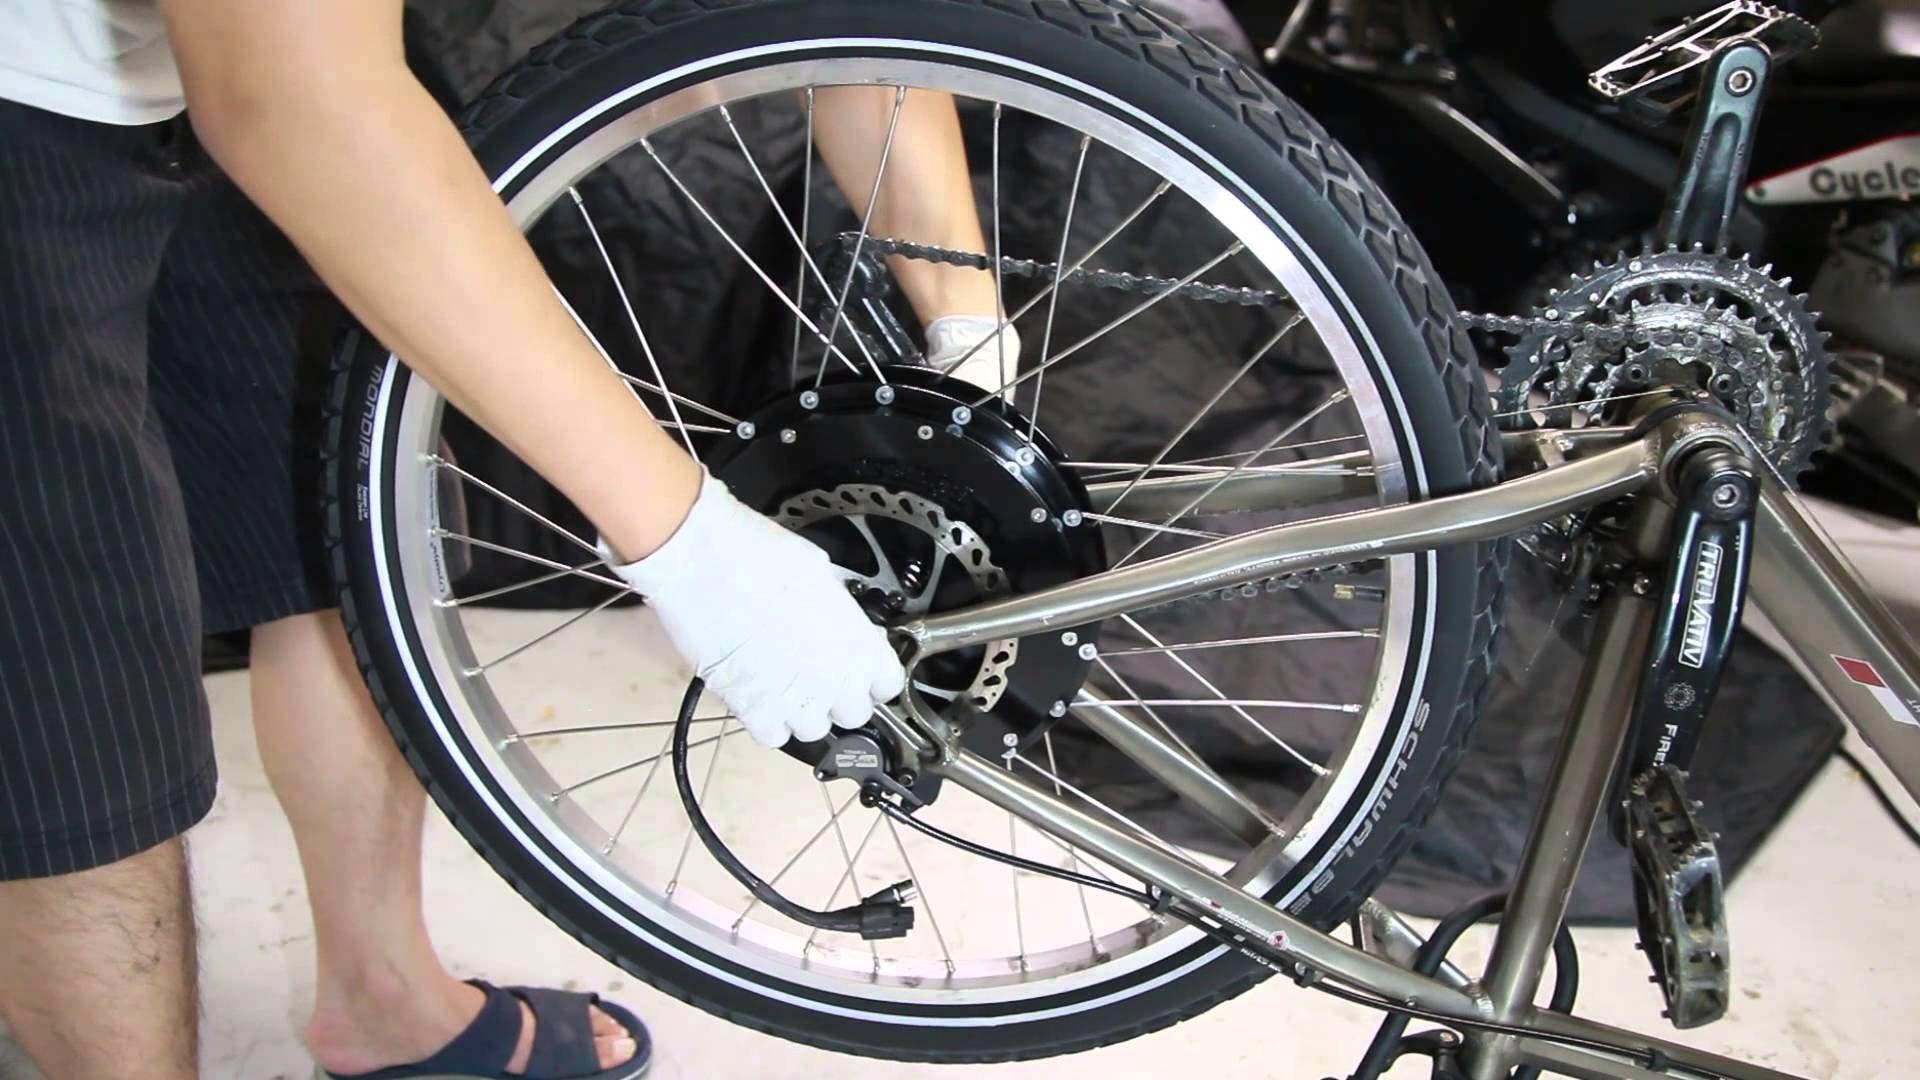 كيف تحوّل دراجتك الهوائية إلى كهربائية؟ فيديو البوابة